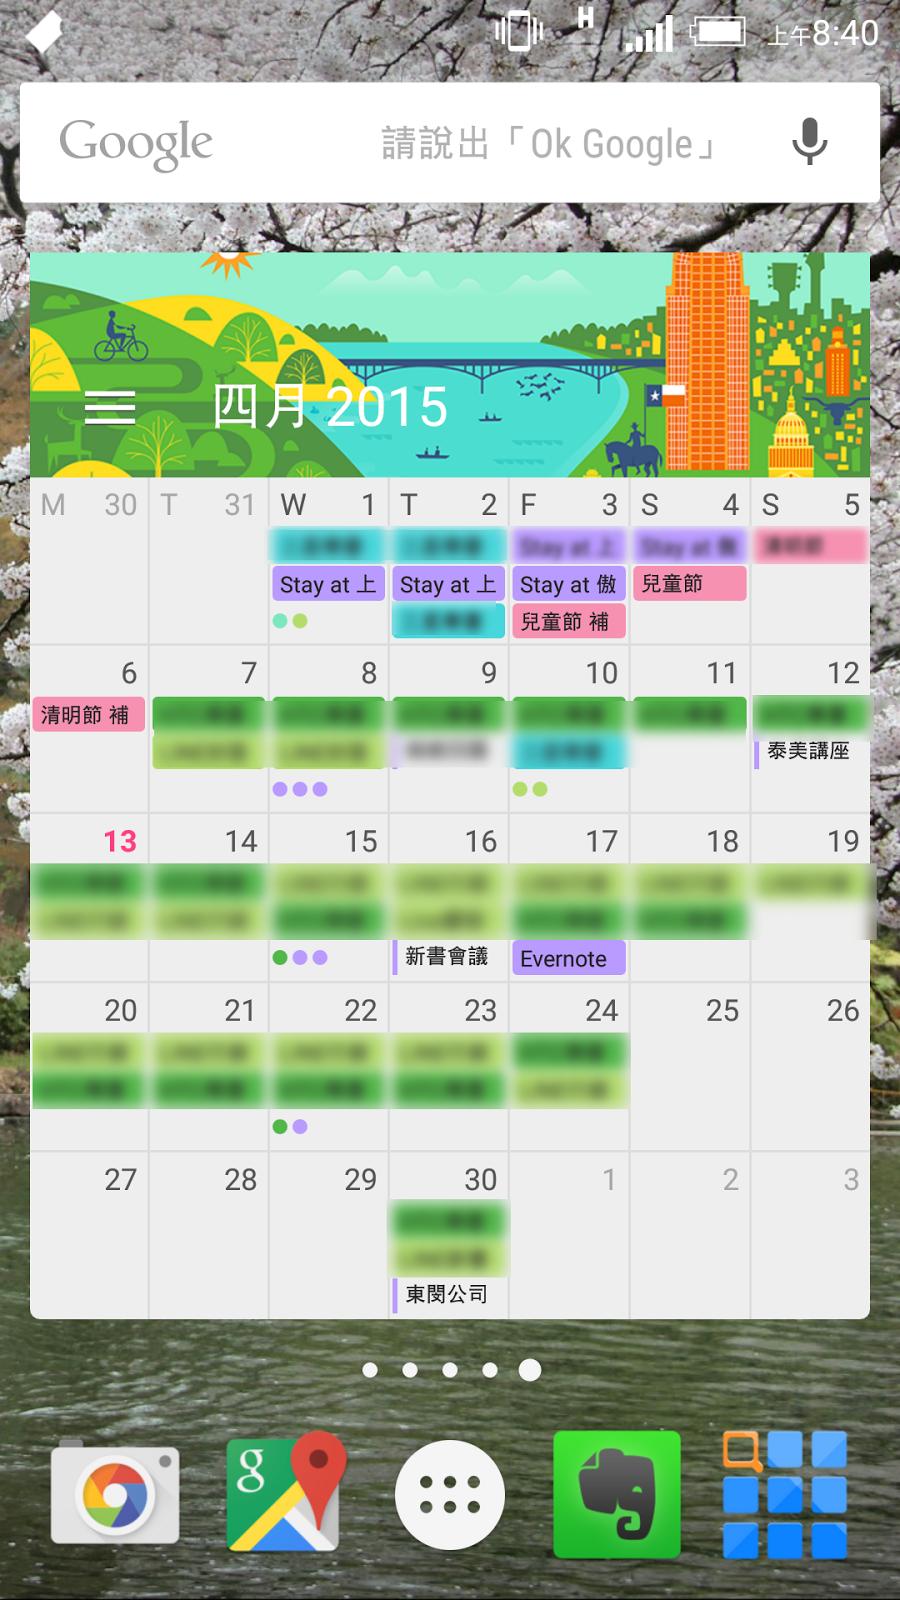 讓 Google 日曆行程月曆加農曆顯示在 Android 桌面!